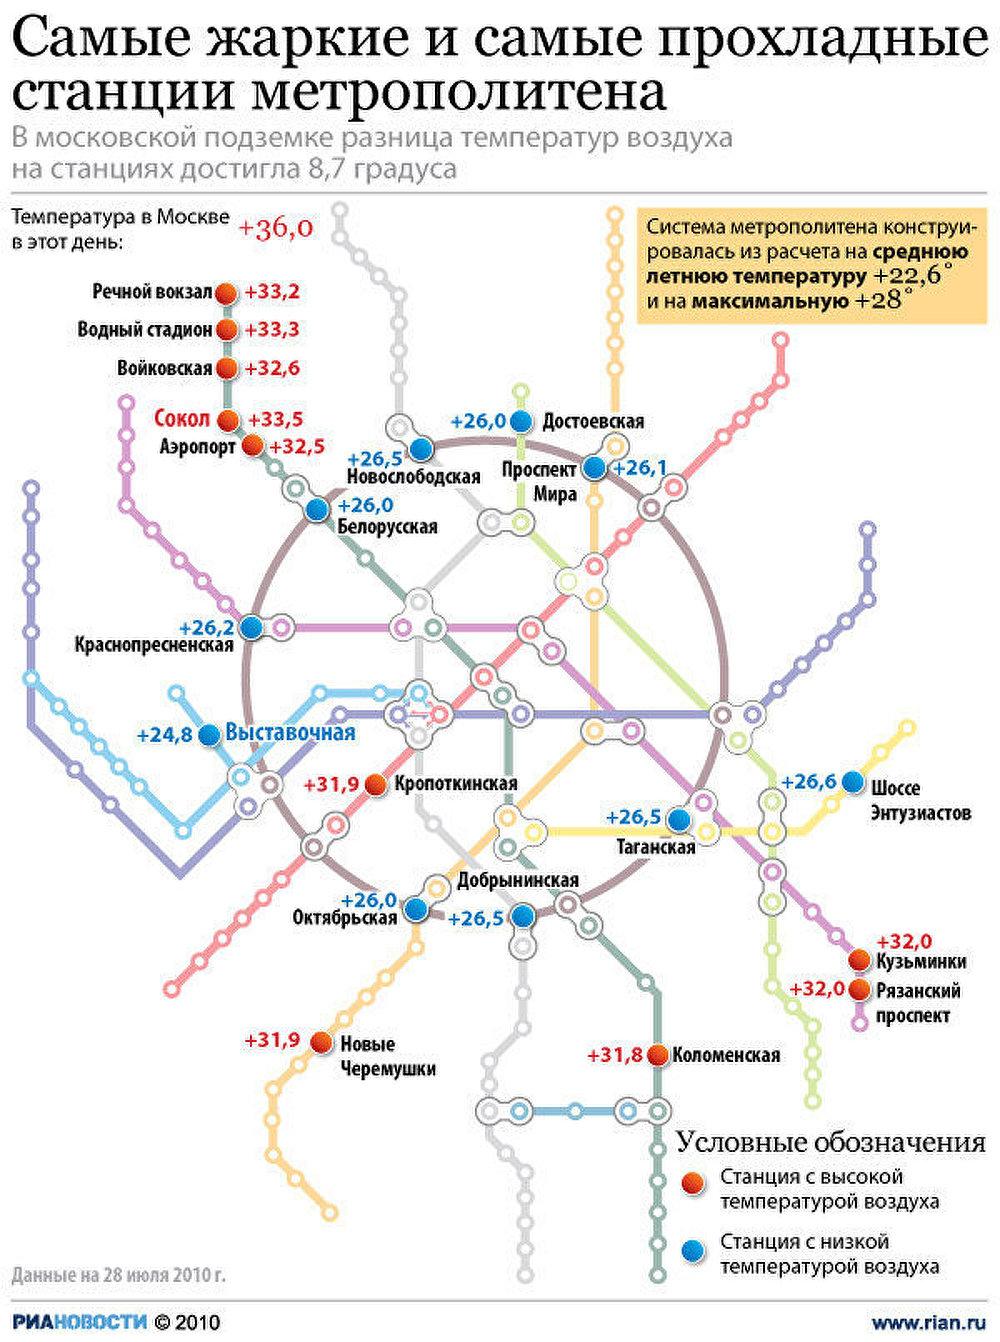 Самые жаркие и самые прохладные станции метро в Москве